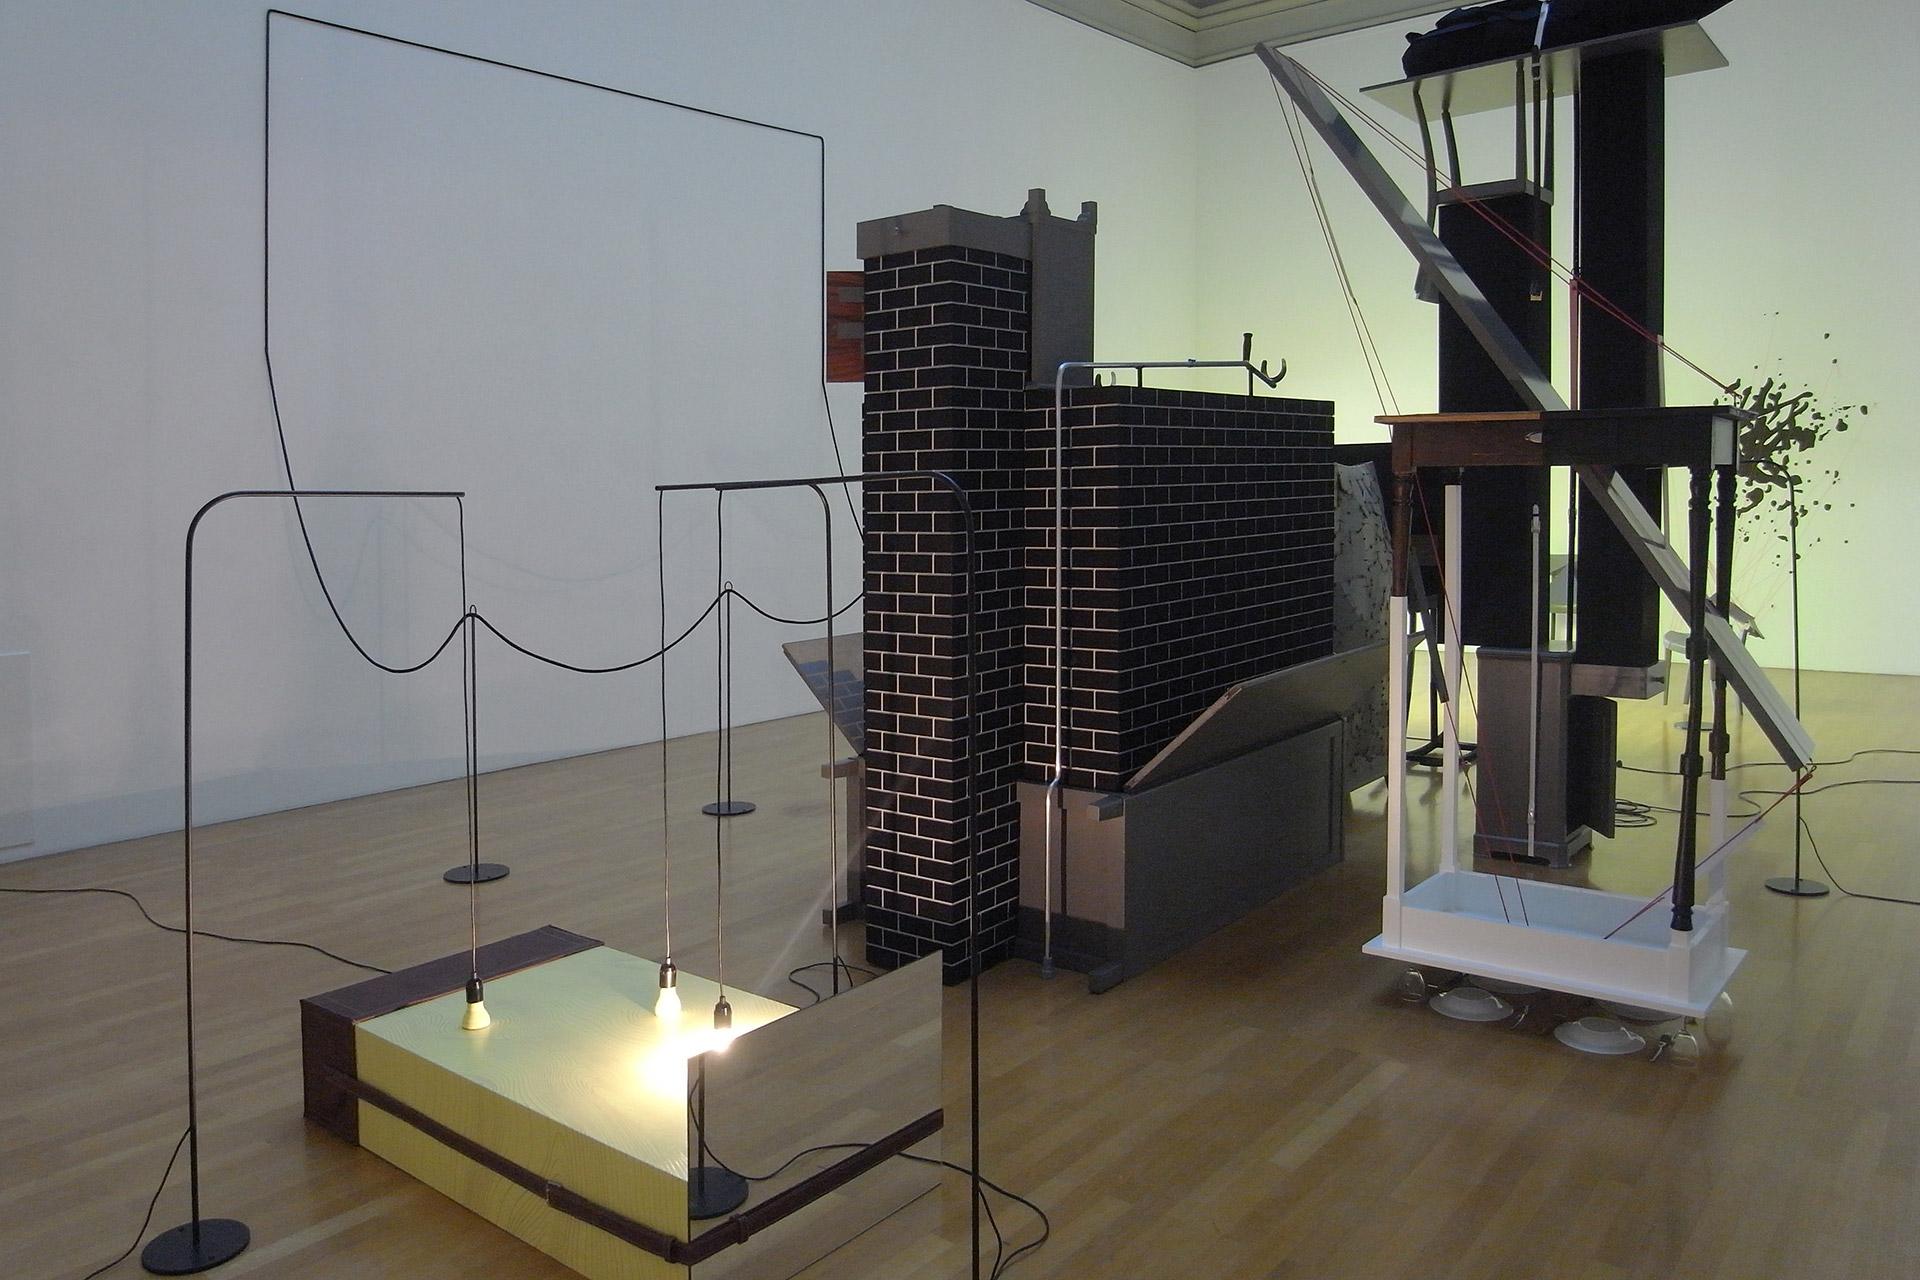 Yves-Netzhammer-Kunsthalle-Winterthur-2009-1.jpg